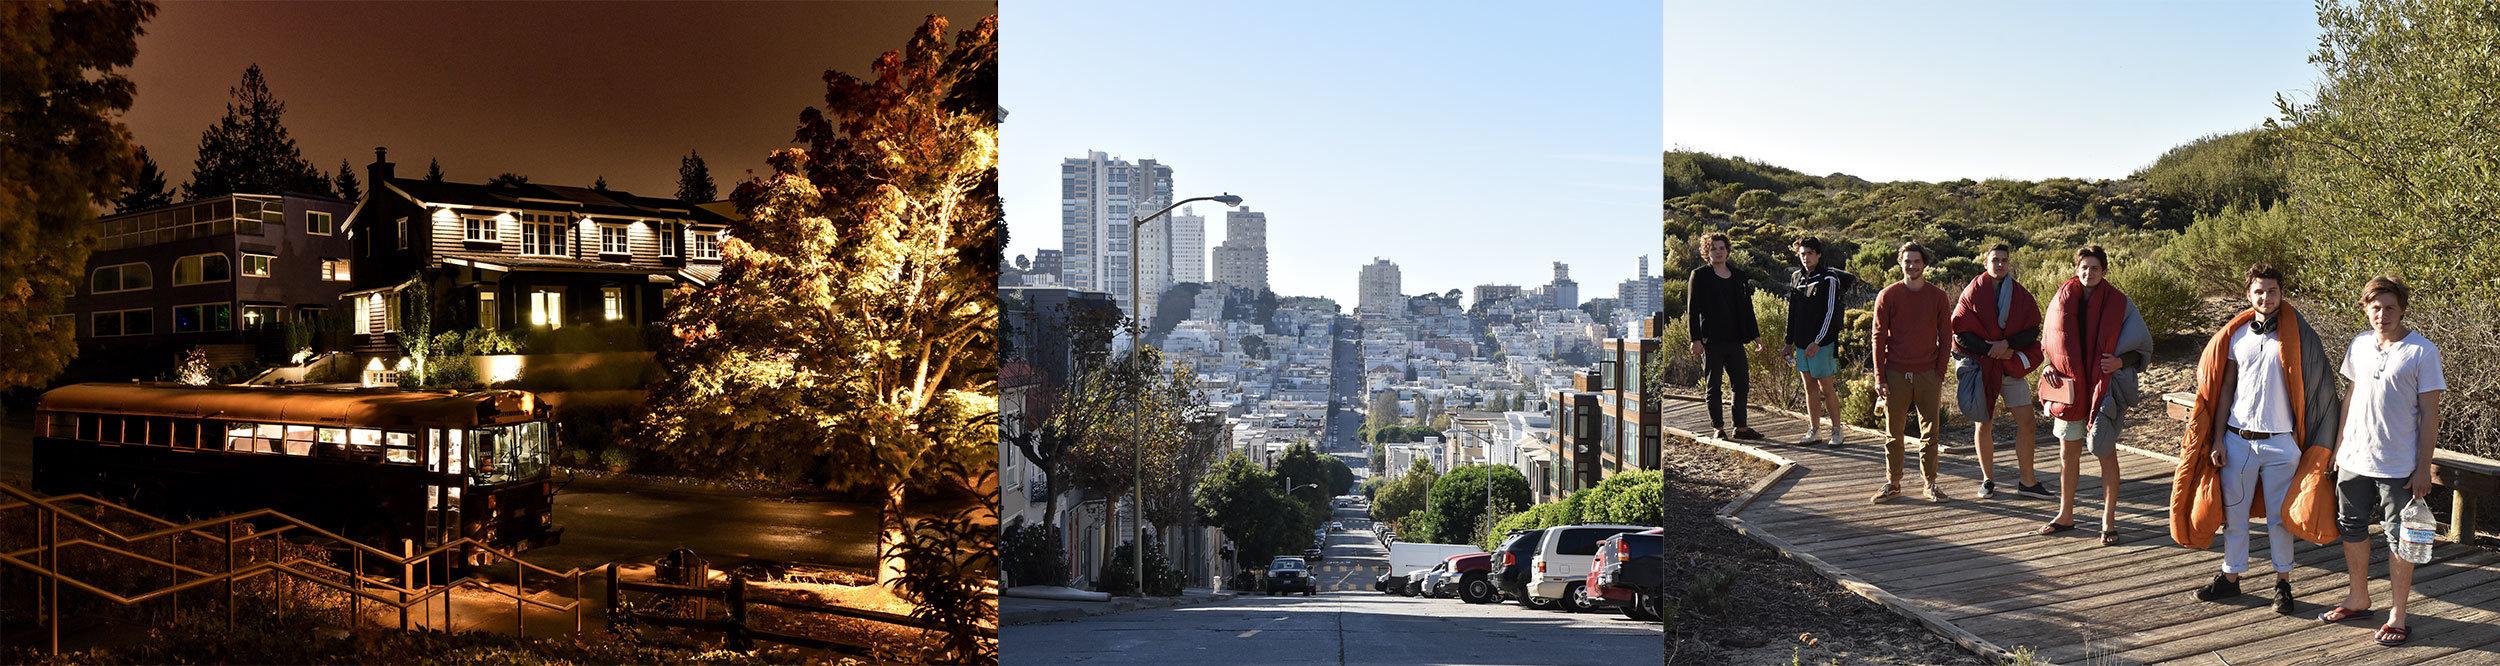 San Francisco erkunden – sevendownsouth